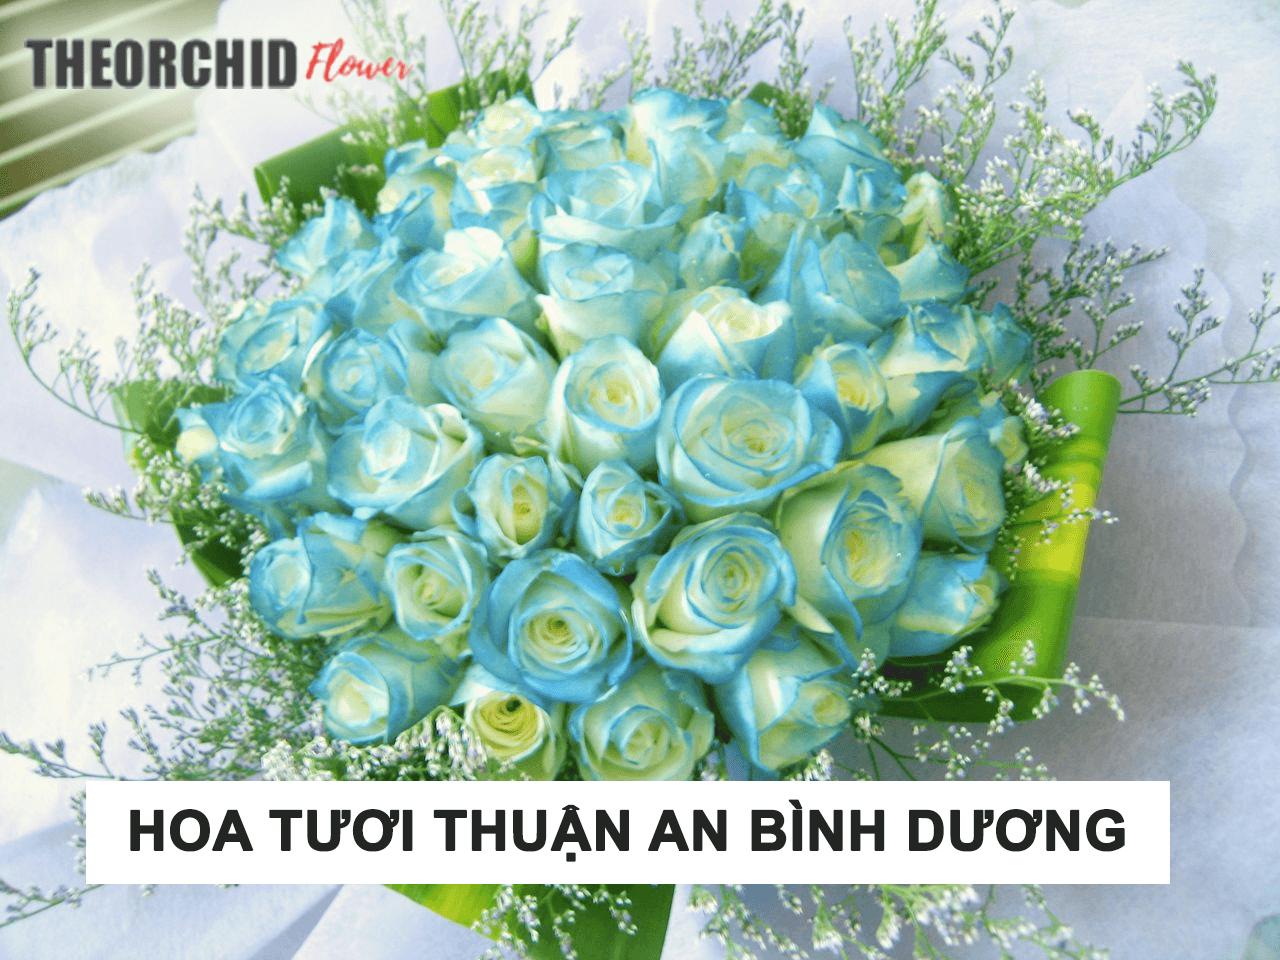 Cửa hàng hoa tươi Thuận An số 1 Bình Dương Giao tận nơi